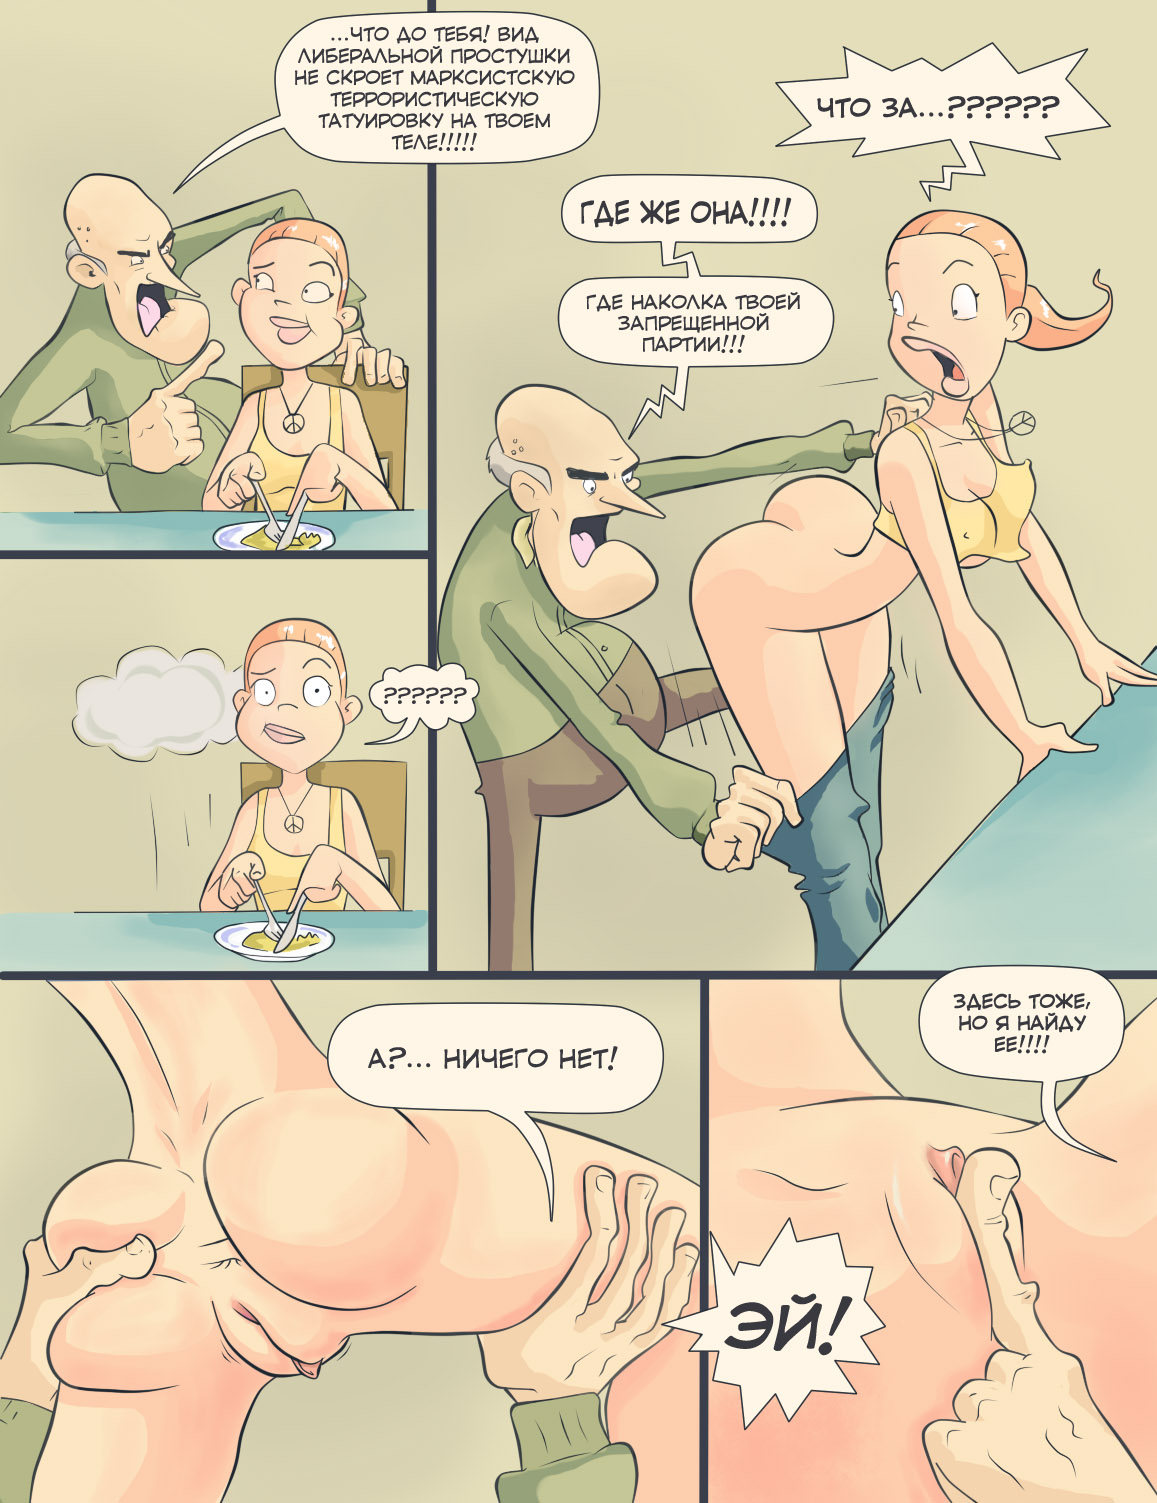 porno-komiksi-stariki-razboyniki